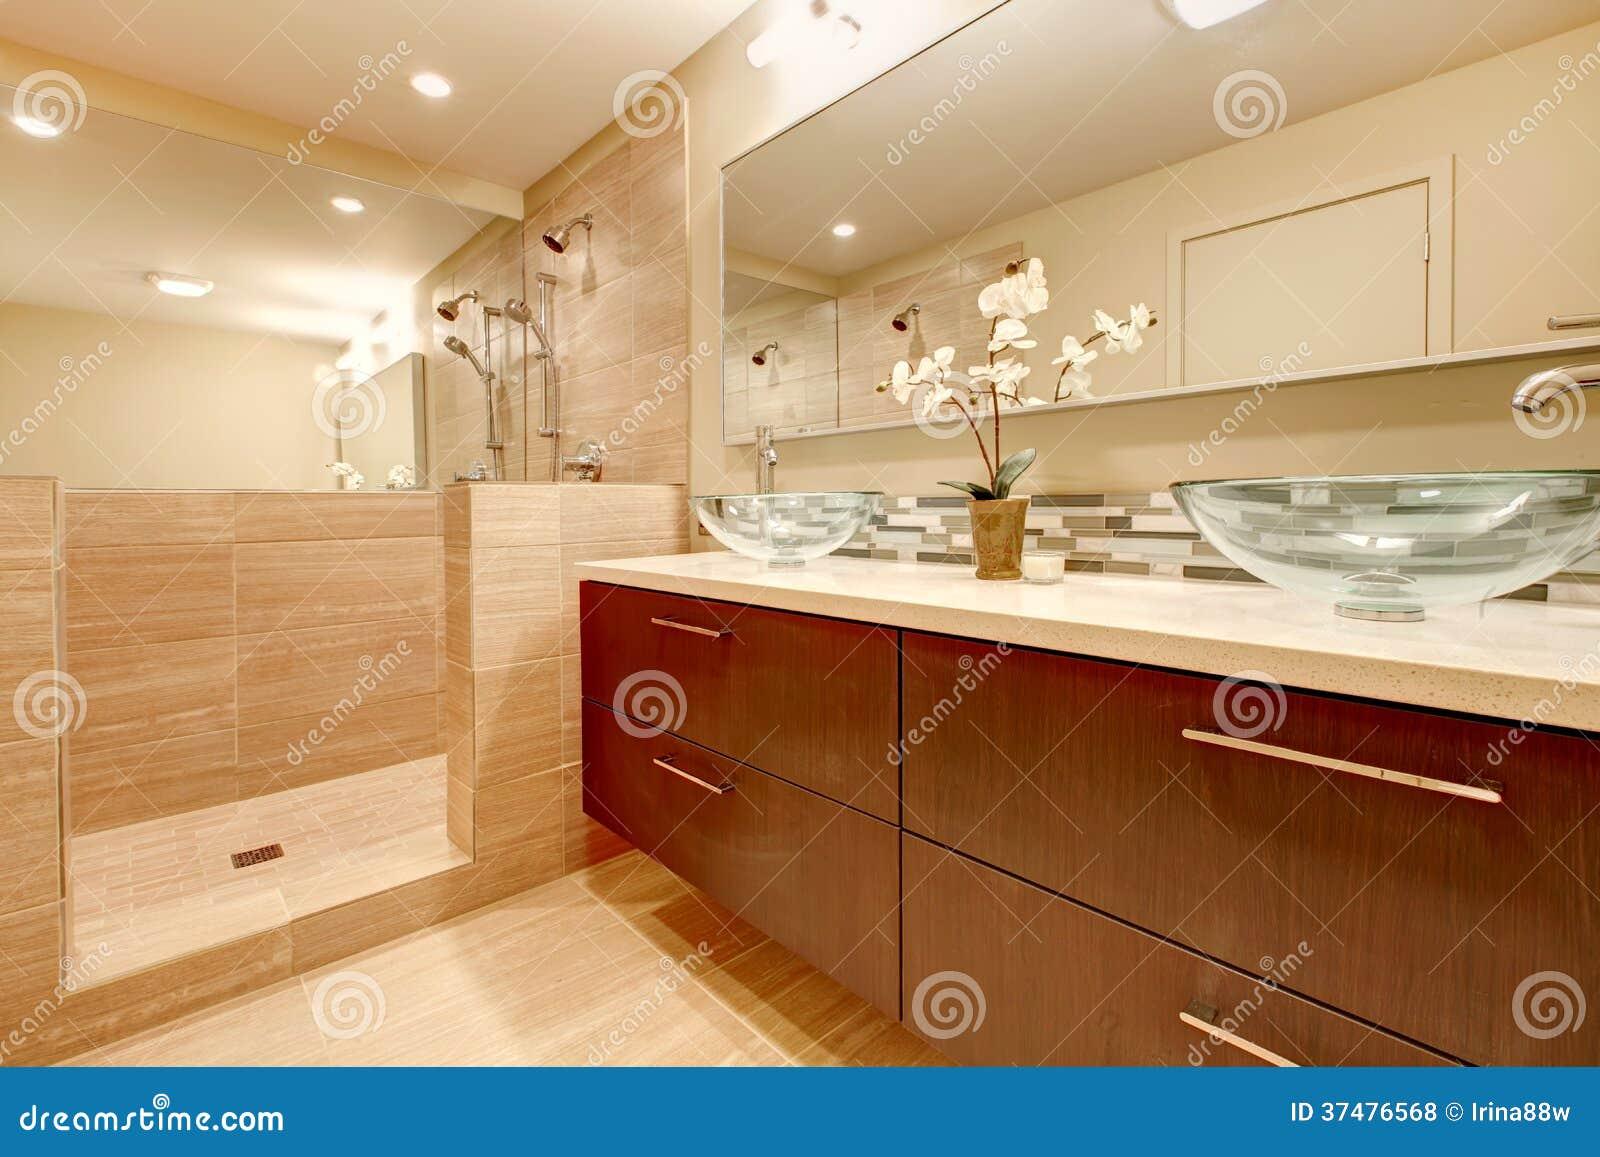 Bagno Elegante Con I Lavandini Di Vetro Della Nave Fotografia Stock - Immagine: 37476568